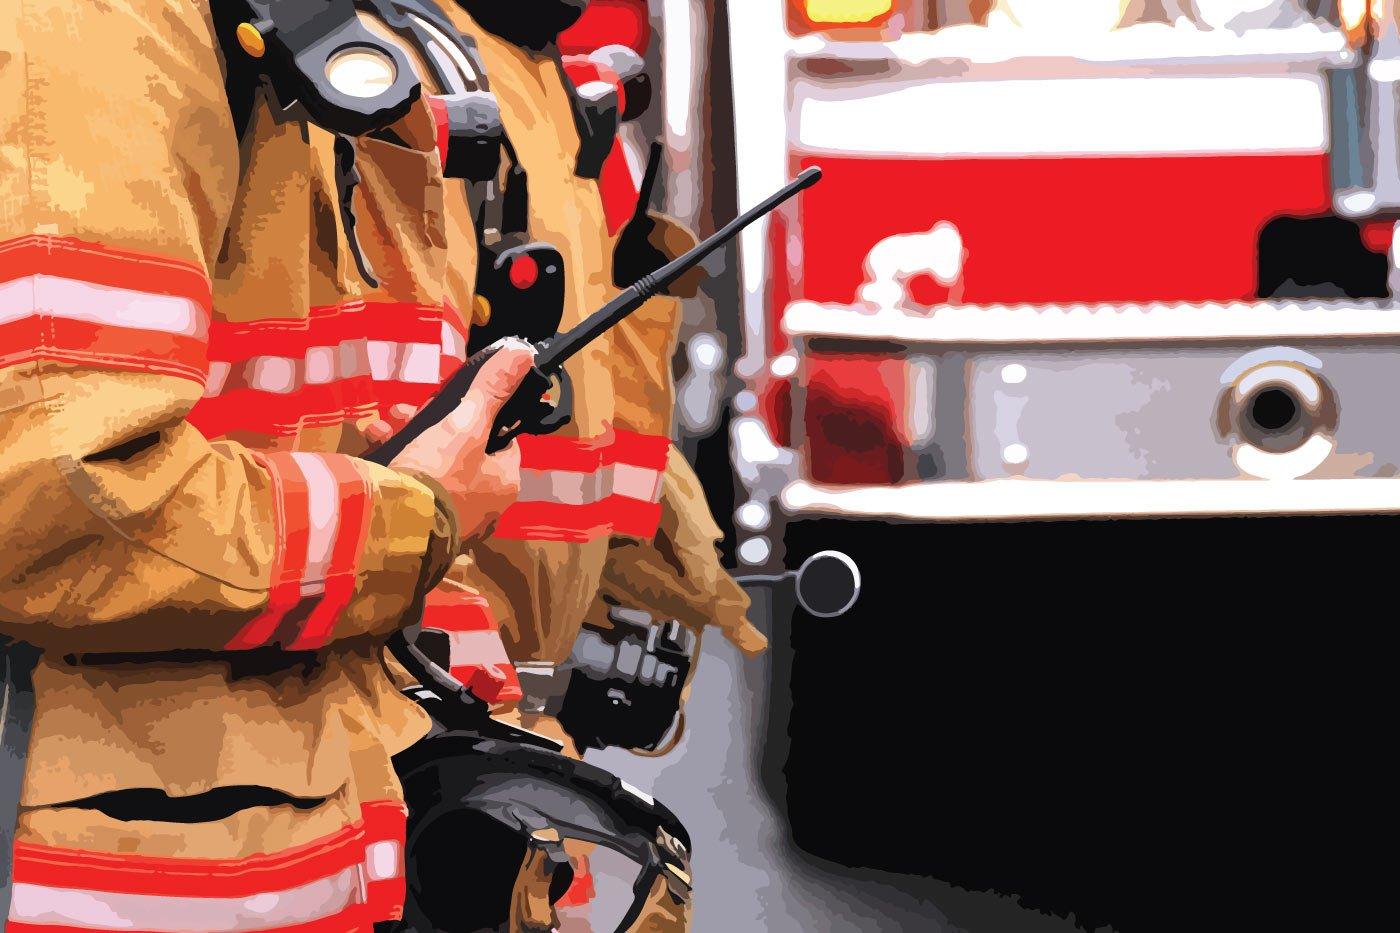 Firefighter - Fire